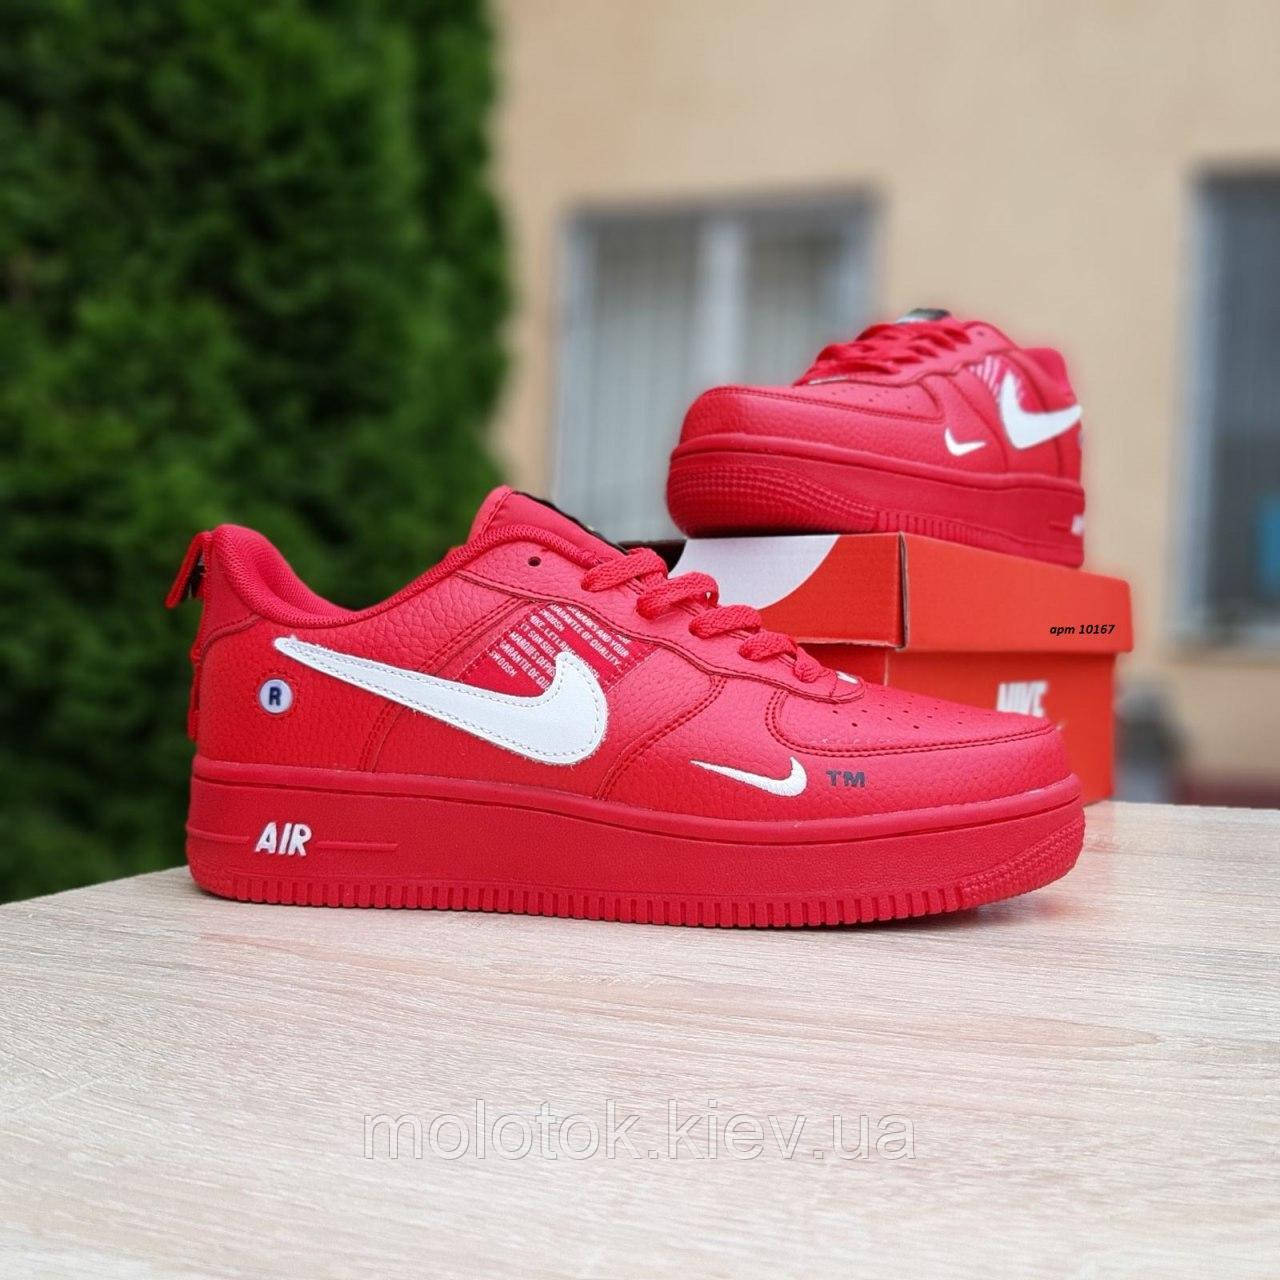 Мужские кроссовки в стиле Nike Air Force 1 LV8  низкие красные (белая запятая)